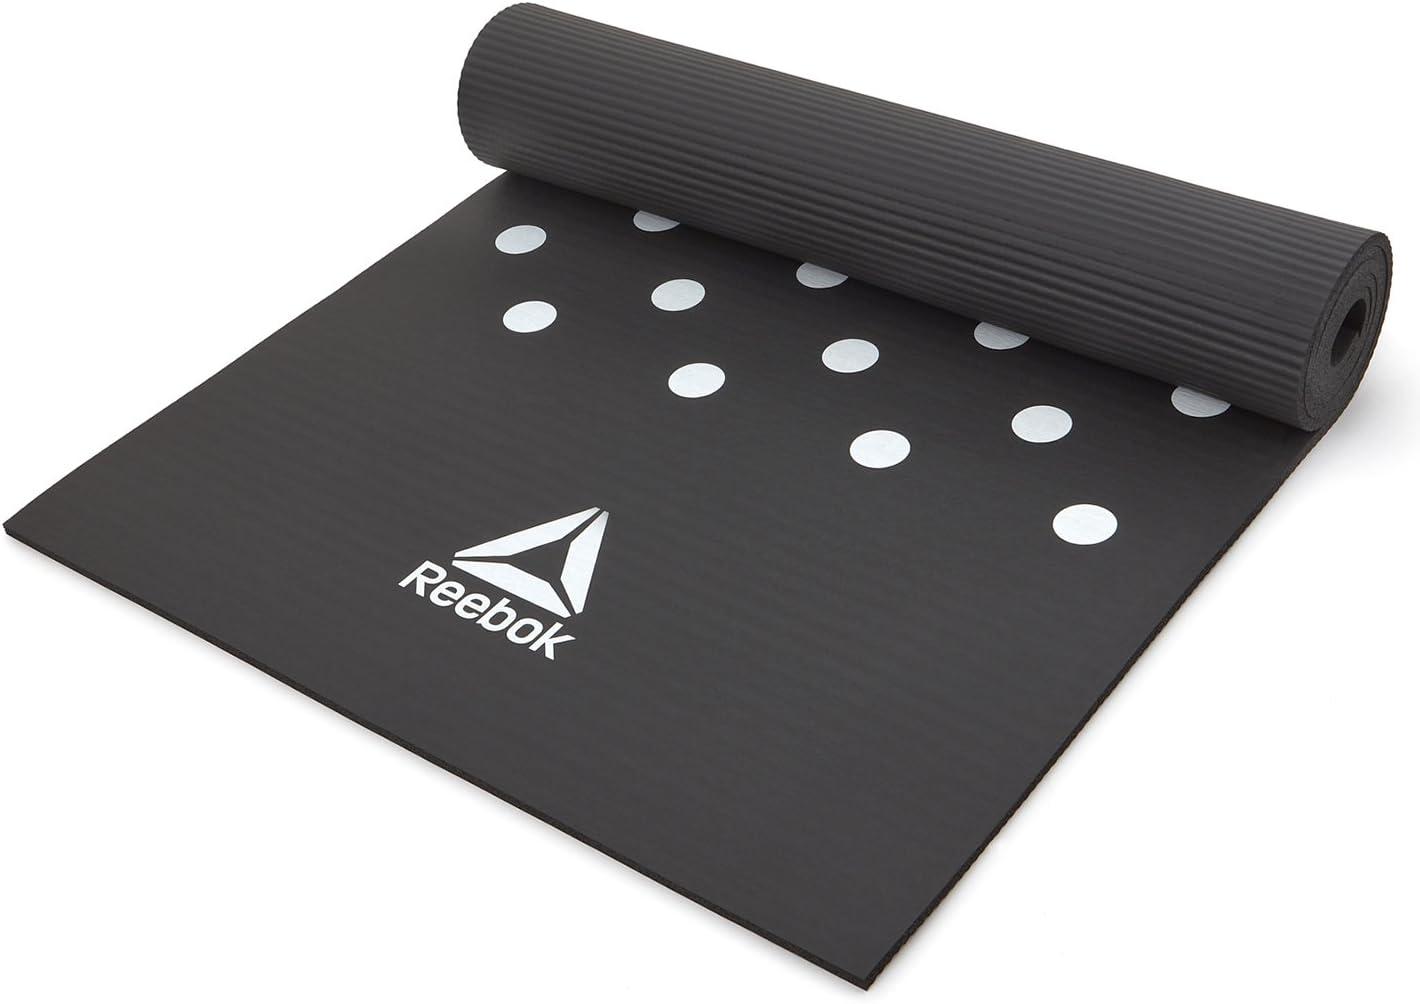 Amazon.com: Reebok Esterilla de entrenamiento, color negro ...